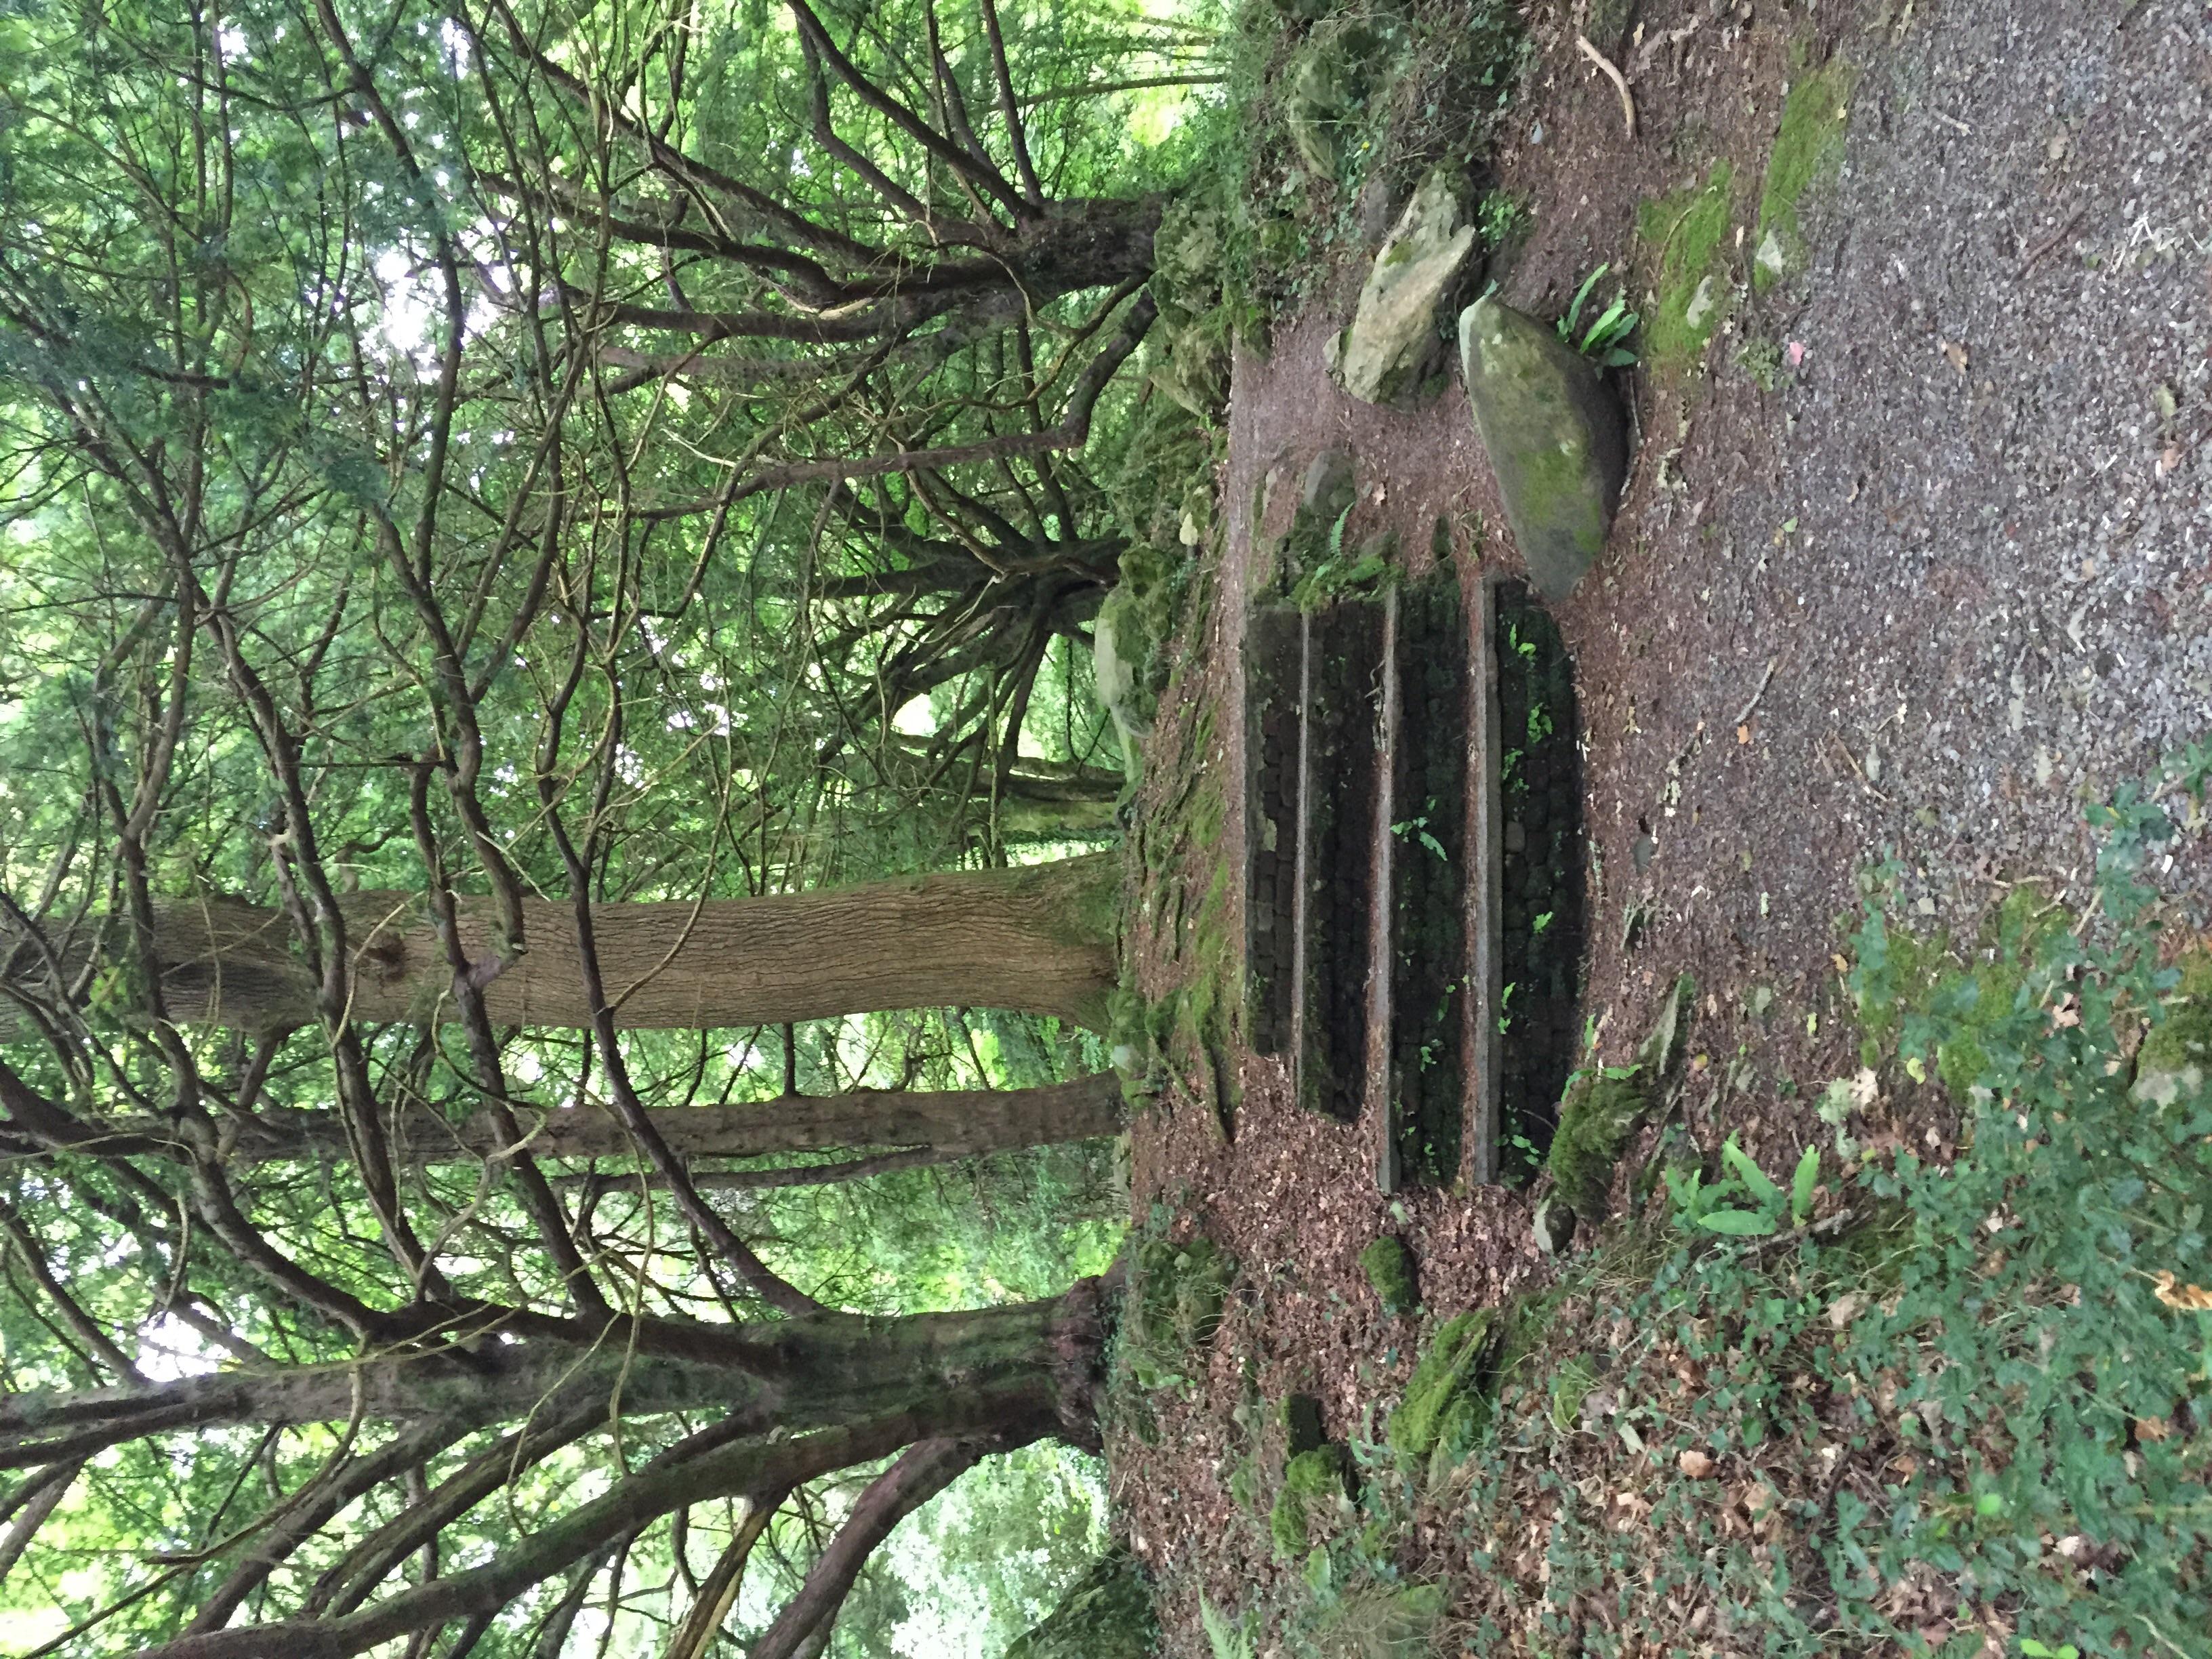 The arboretum in Muckross House gardens.